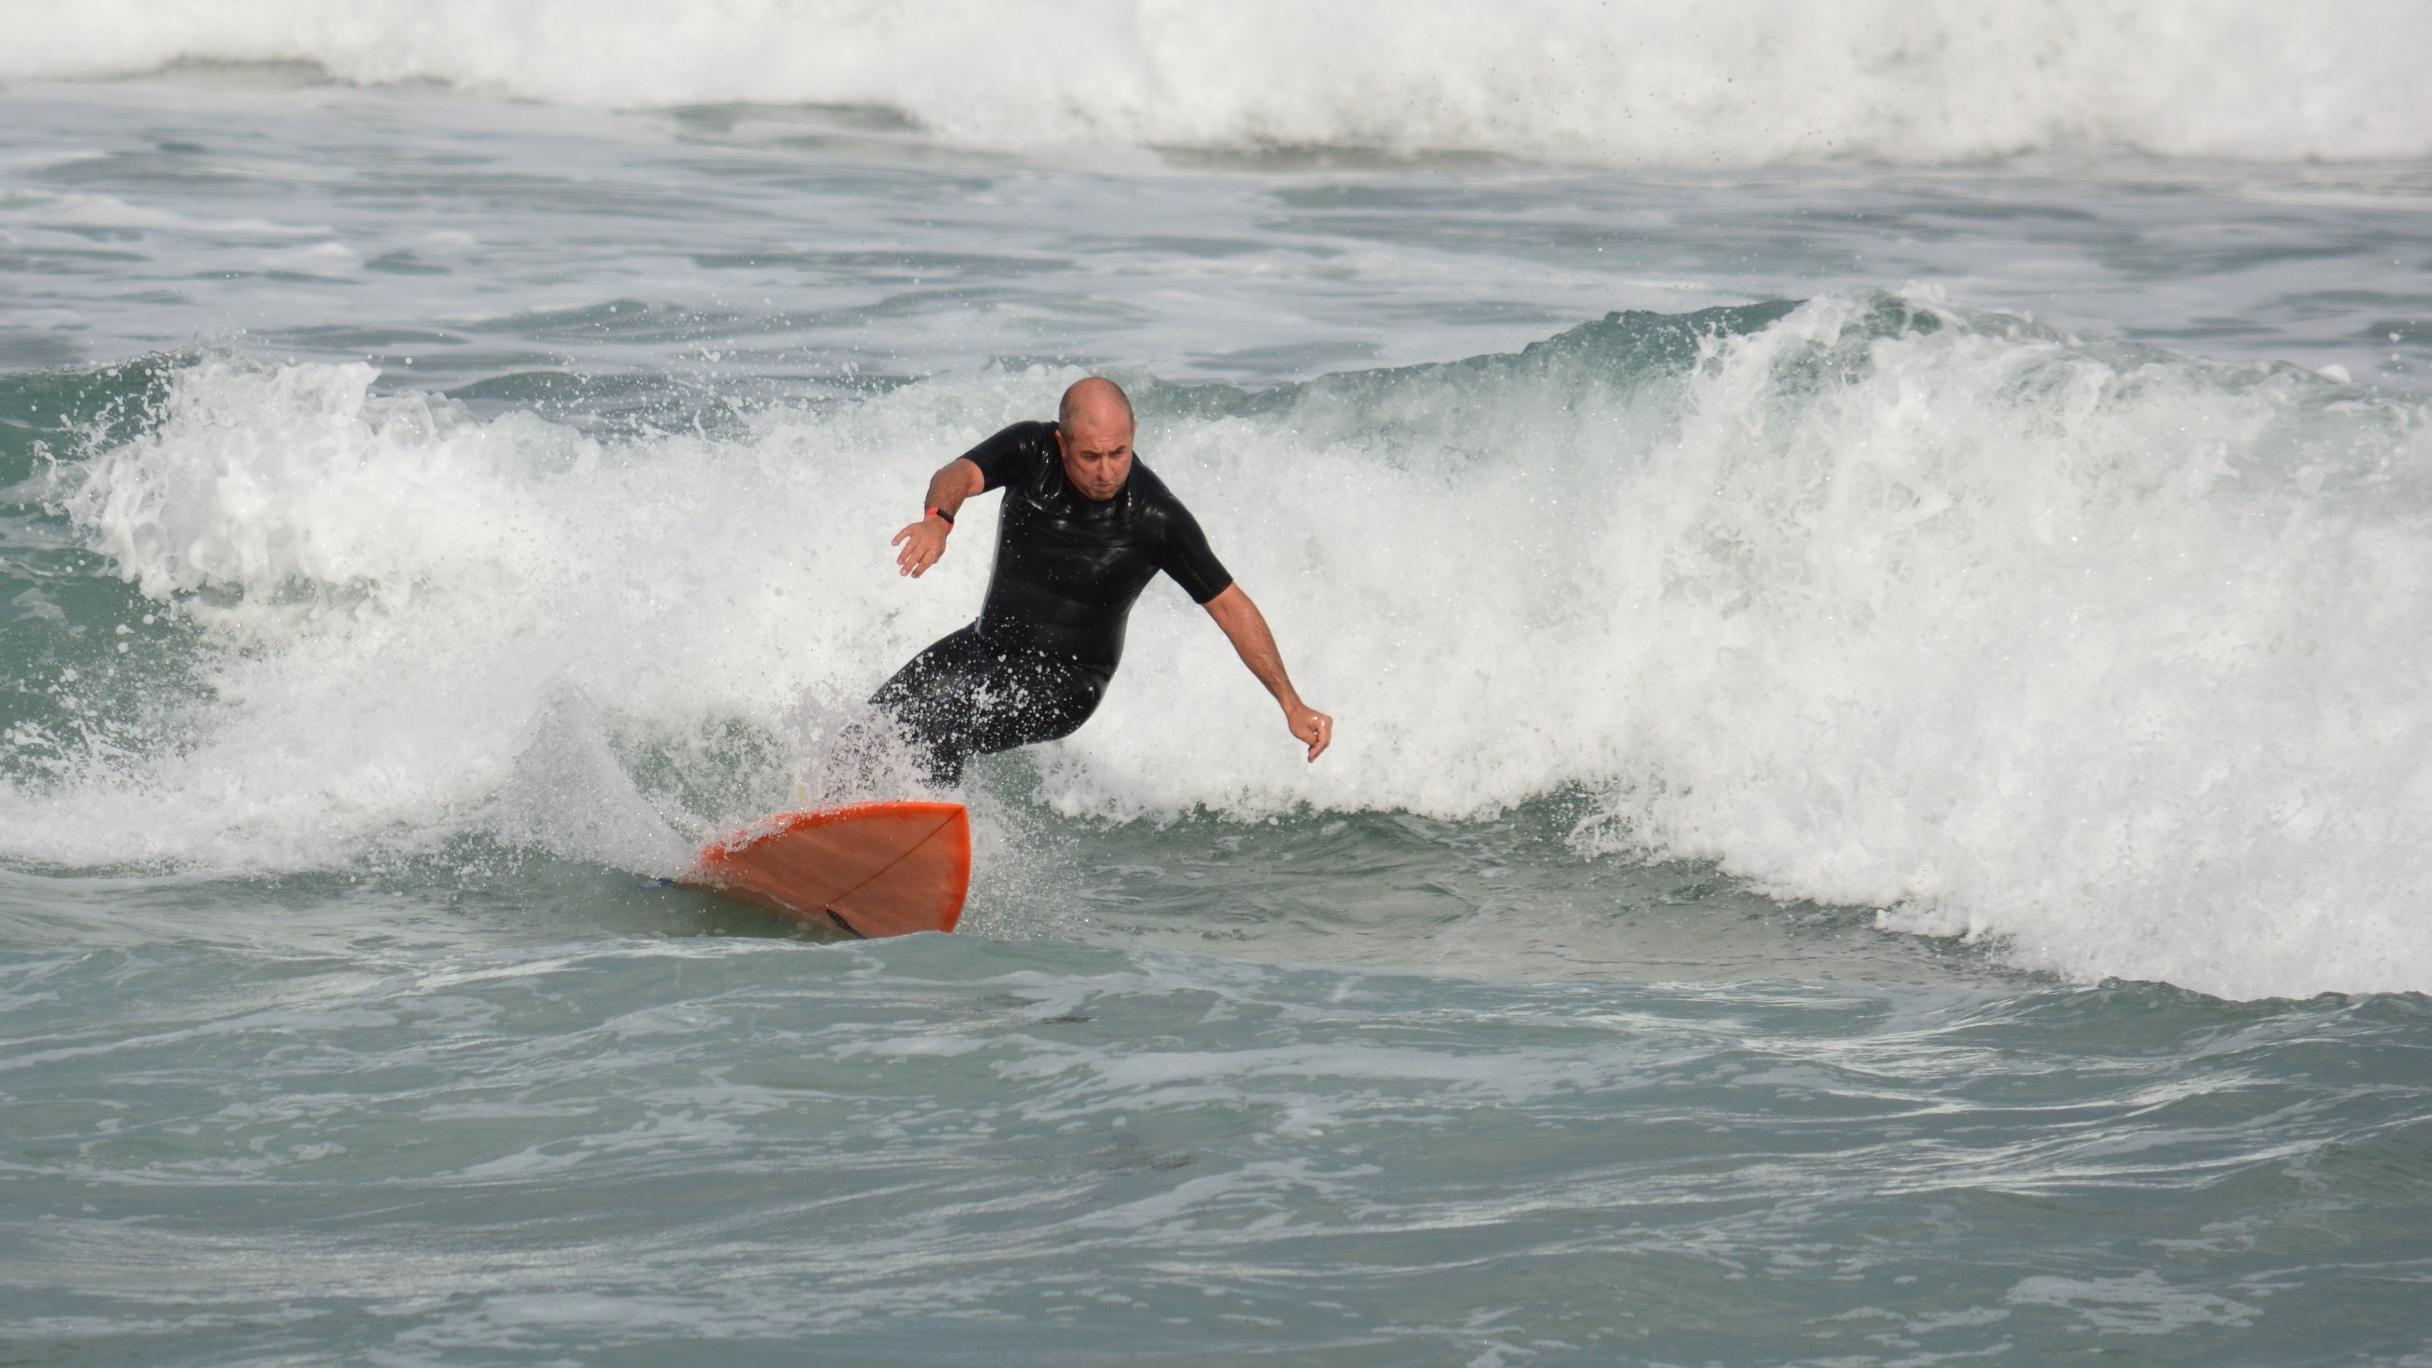 Water, Wave, Athlete, Ocean, Sea, Beach, Summer, Waves, Surfer